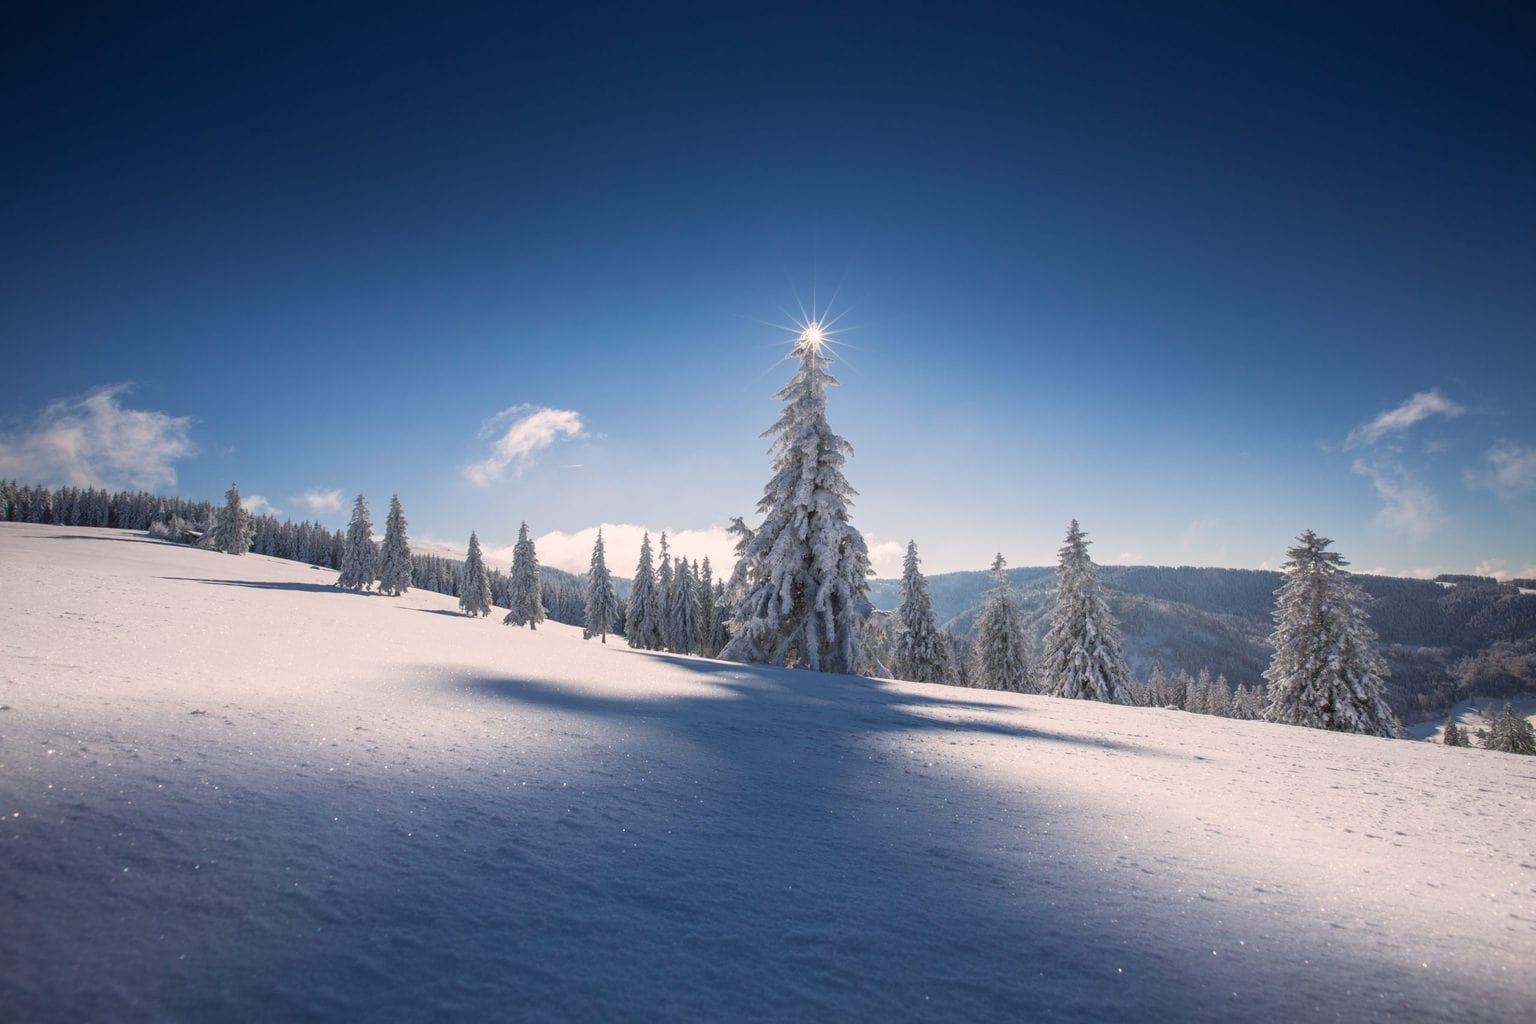 Prachtig winterlandschap in Duitsland wekt zin om te gaan skieën in de corona winter